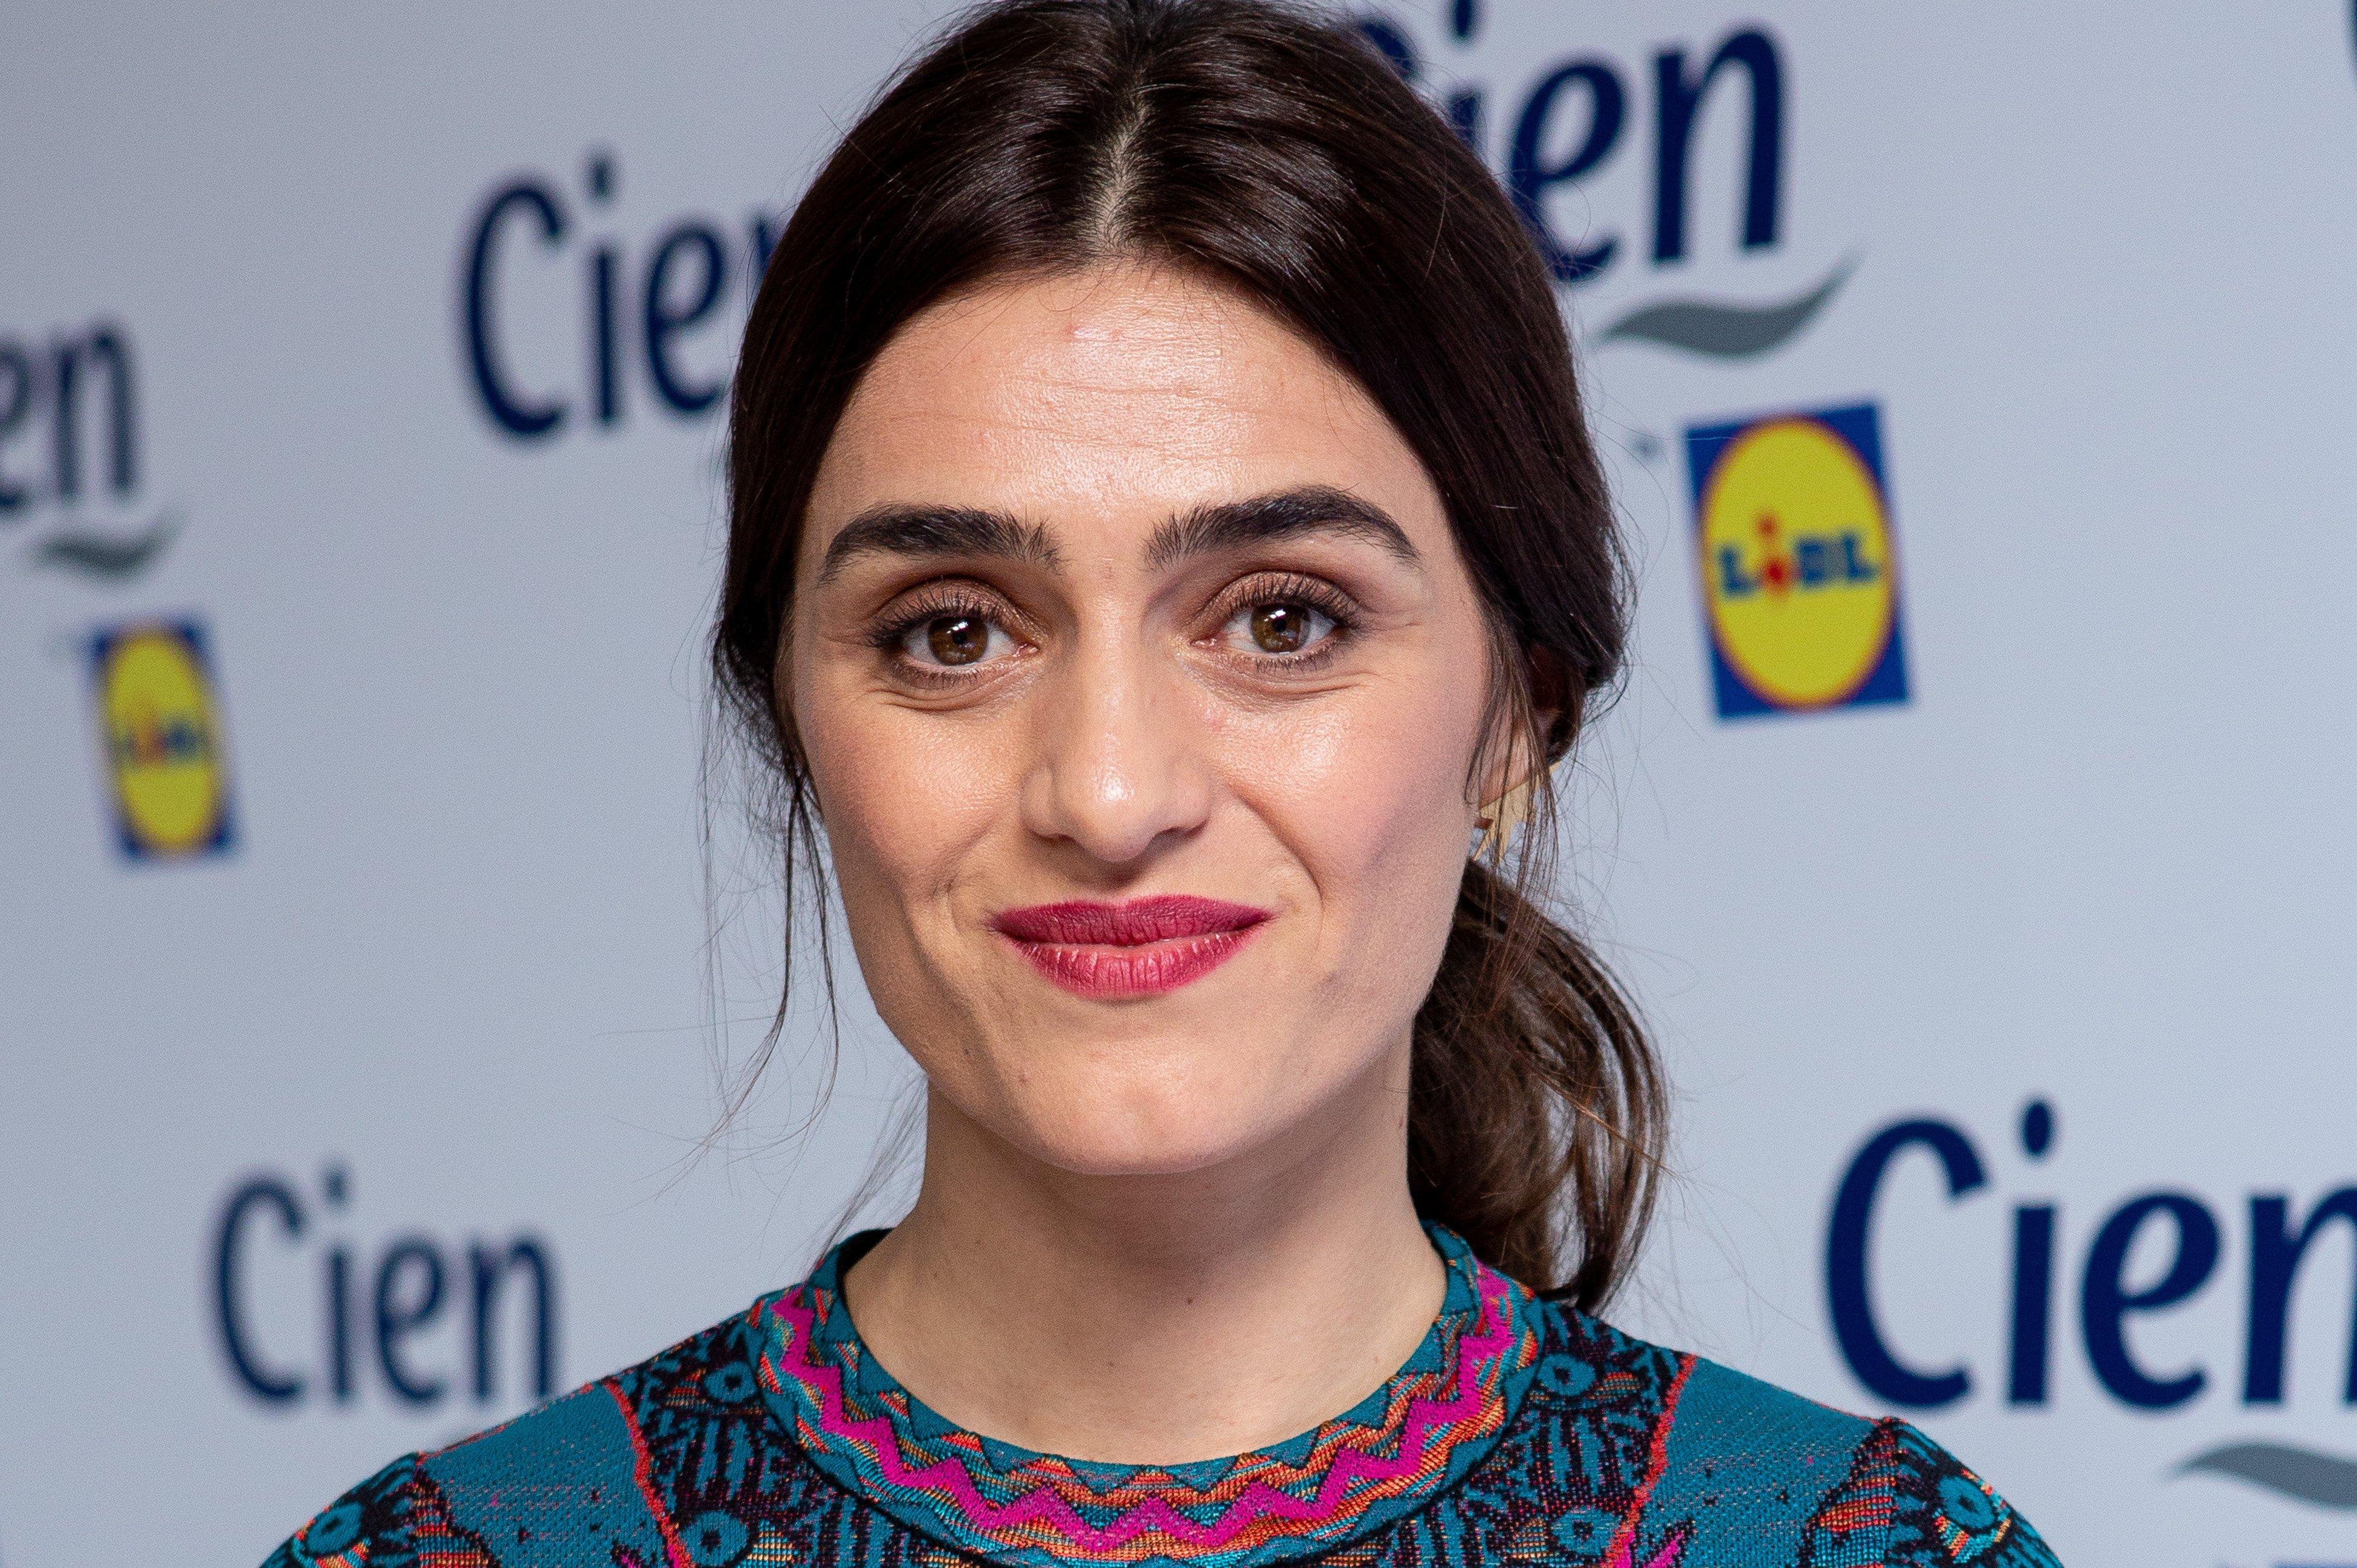 Olivia Molina asiste al evento #Realwoman de Lidl en 2019